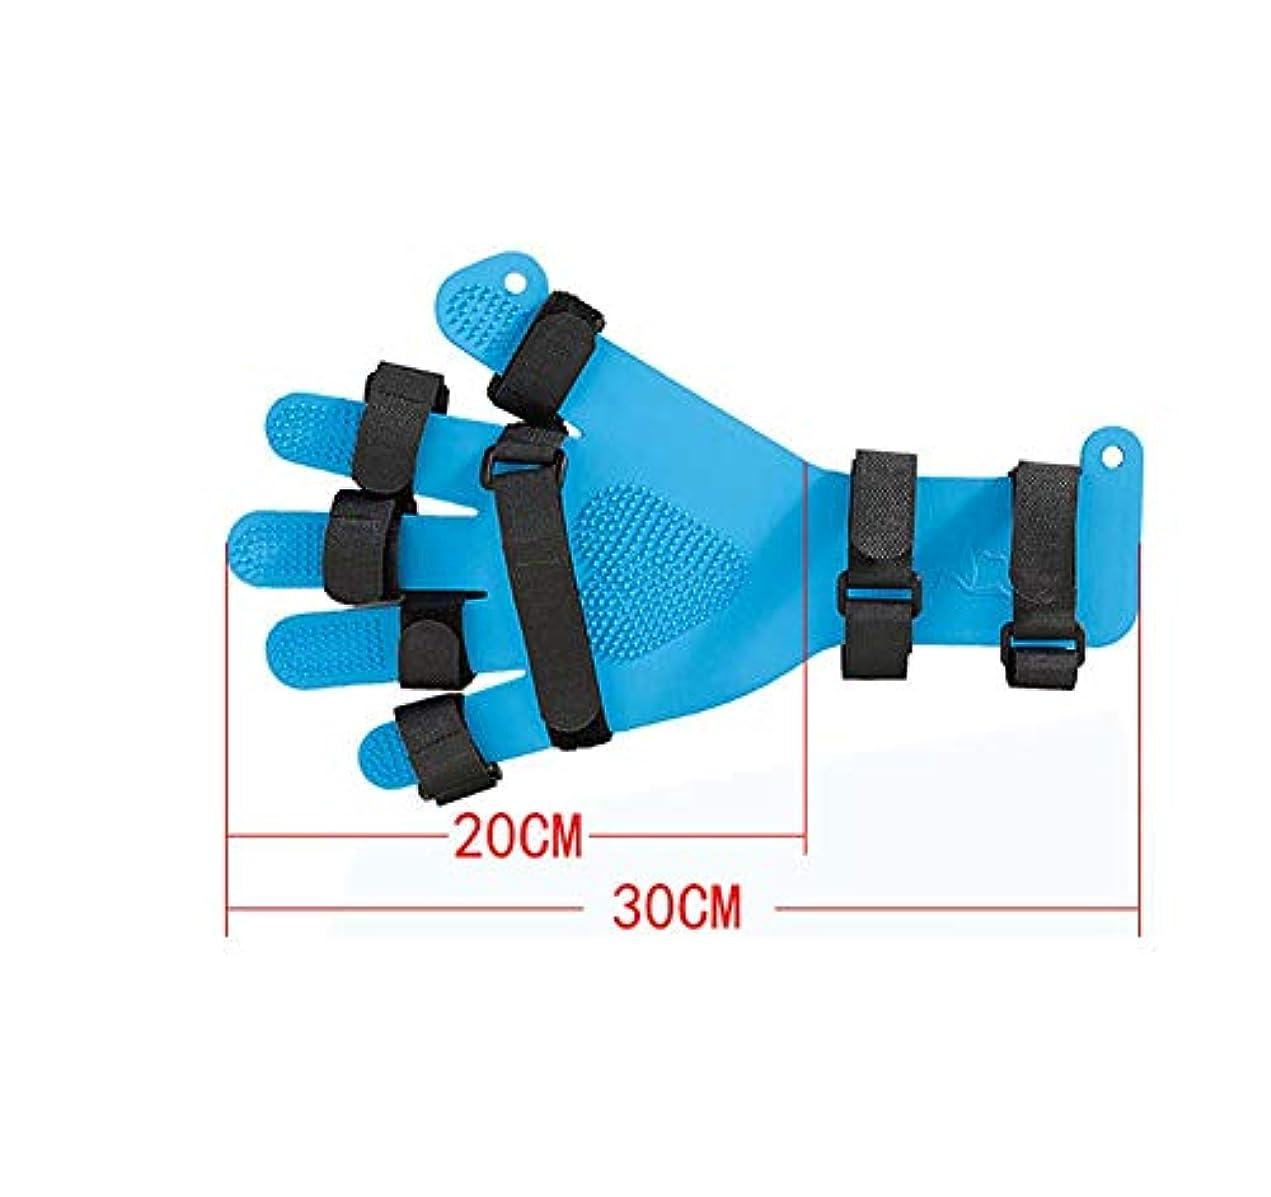 家庭許容製造業脳卒中HemiplegiaSpasmストローク神経障害Finge左右の区切りインソール-Adjustable指拡張ボードを指